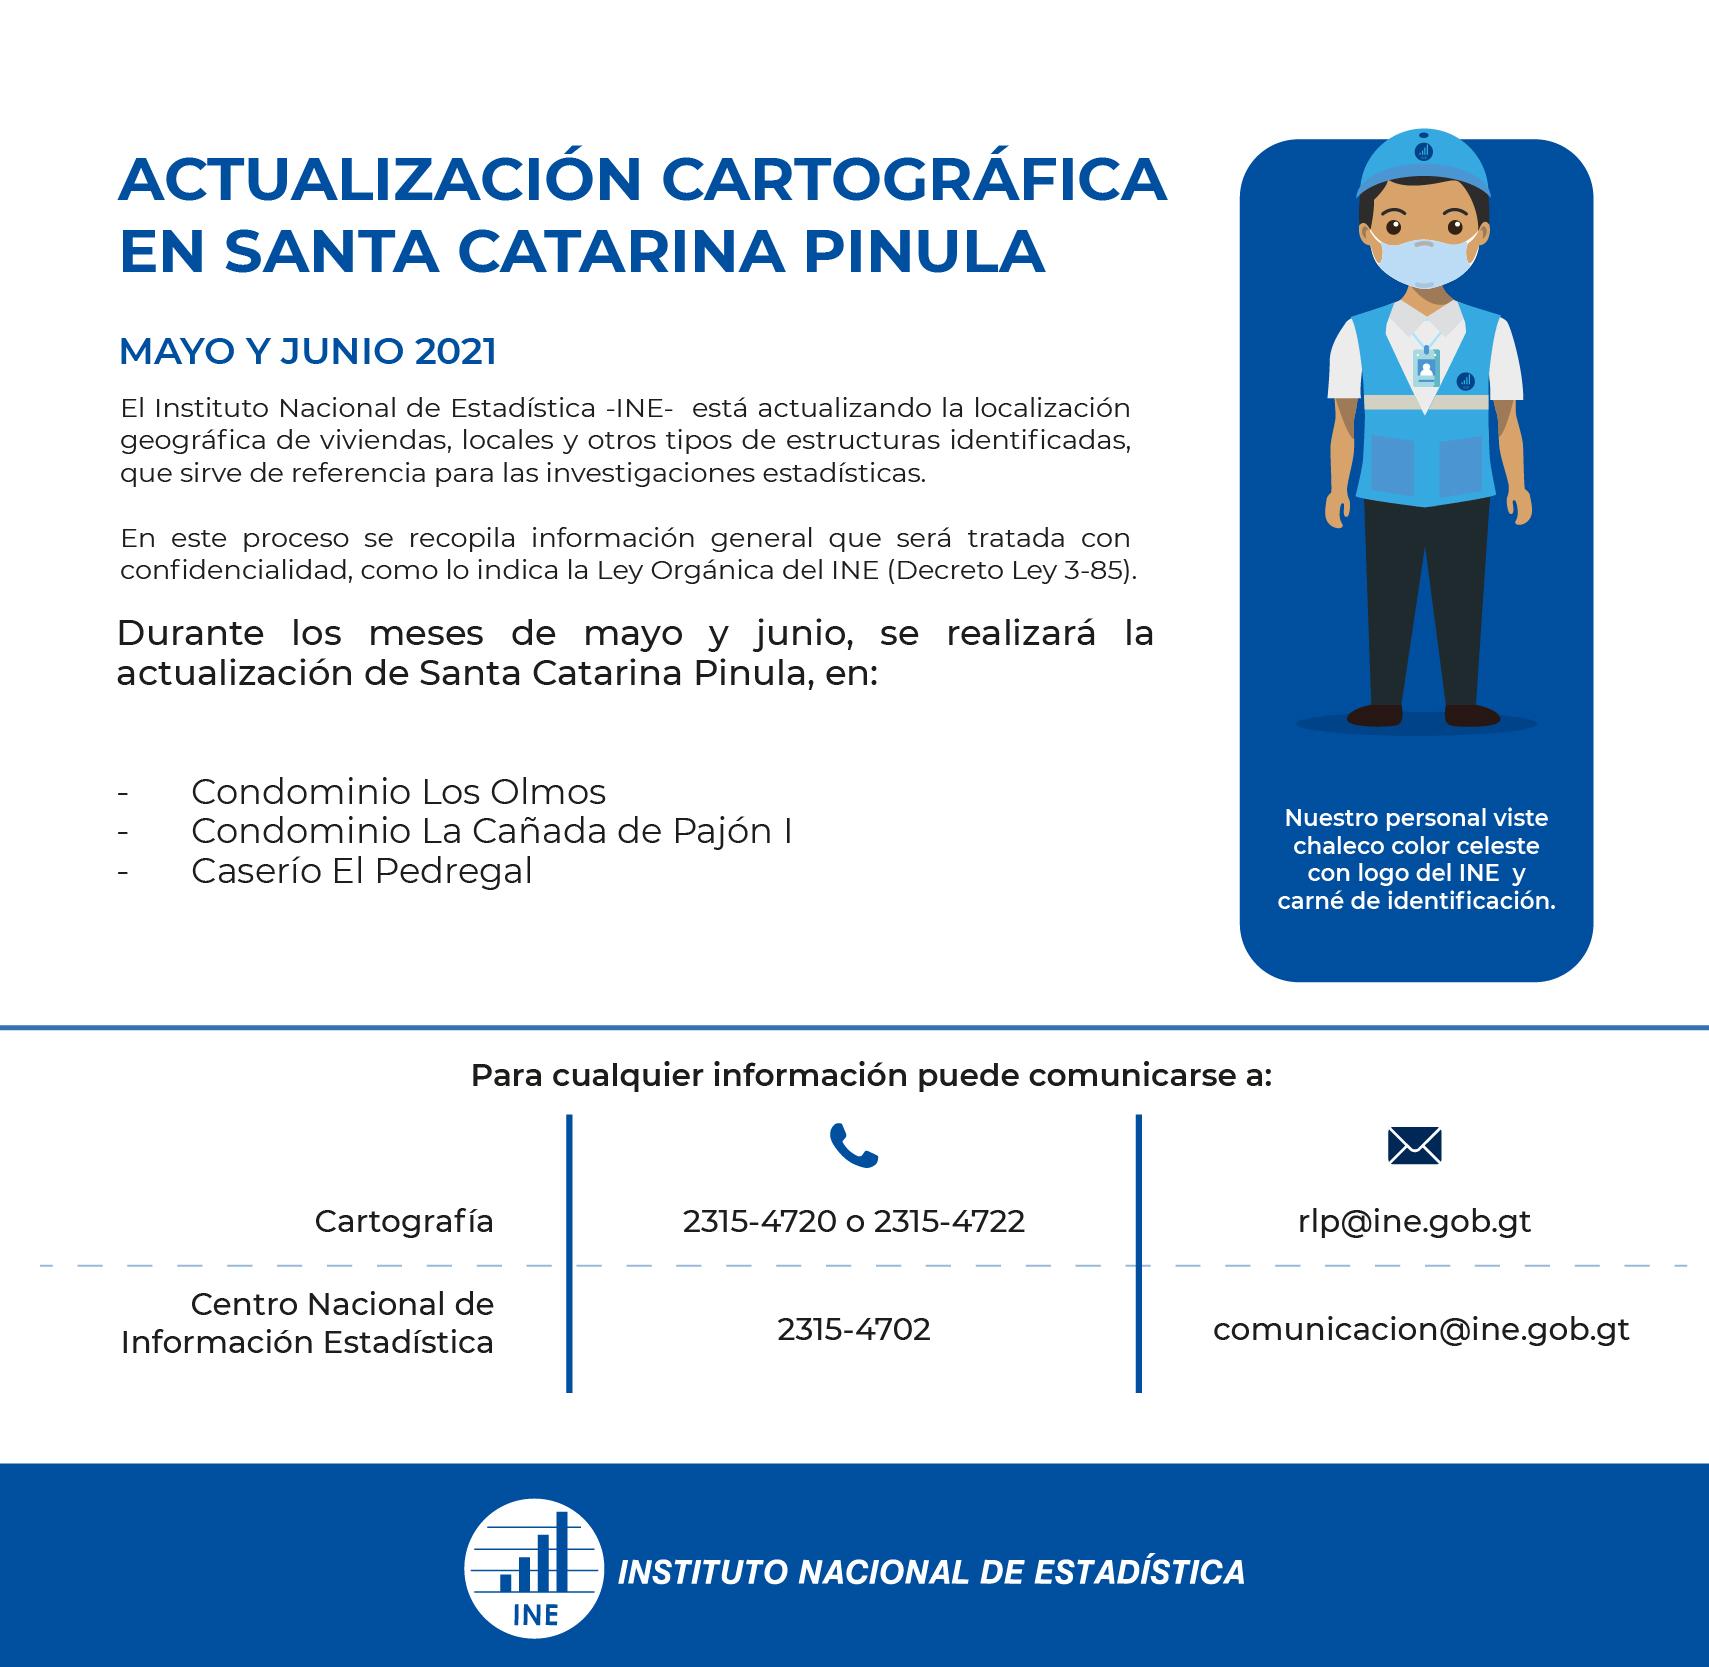 Actualización cartográfica en Santa Catarina Pinula